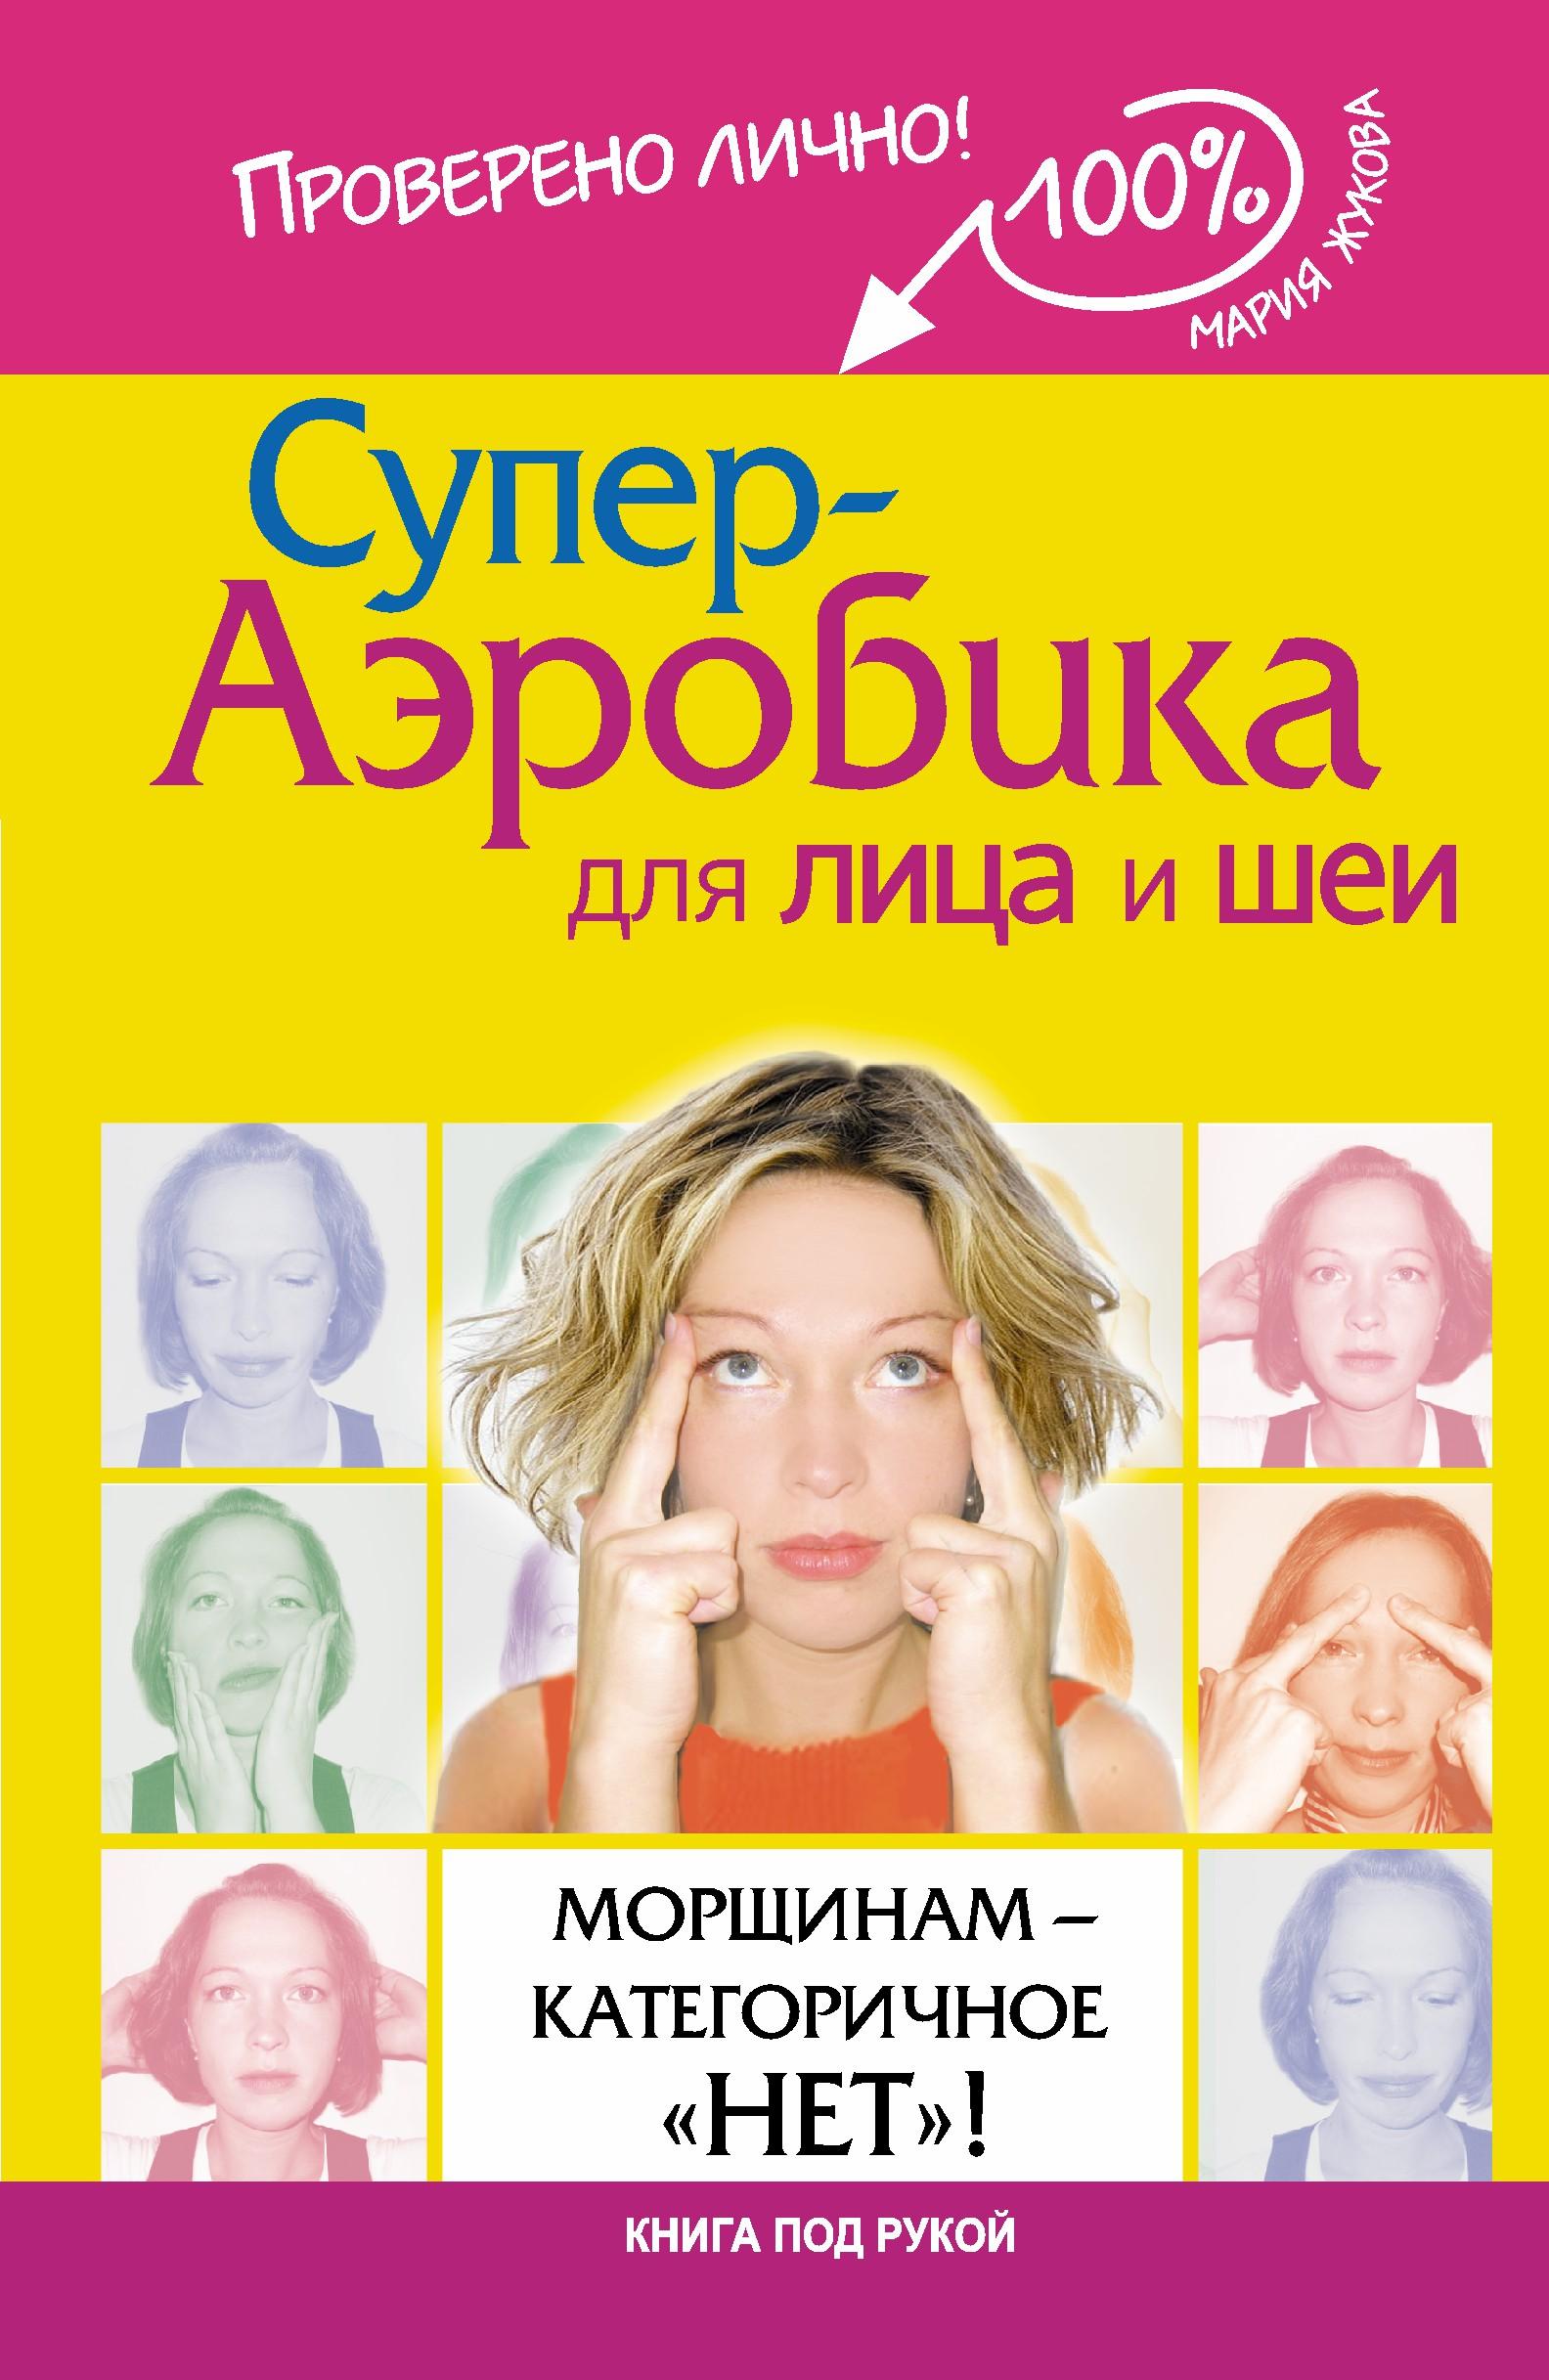 """Супер-аэробика для лица и шеи. Морщинам - категоричное """"НЕТ""""! от book24.ru"""